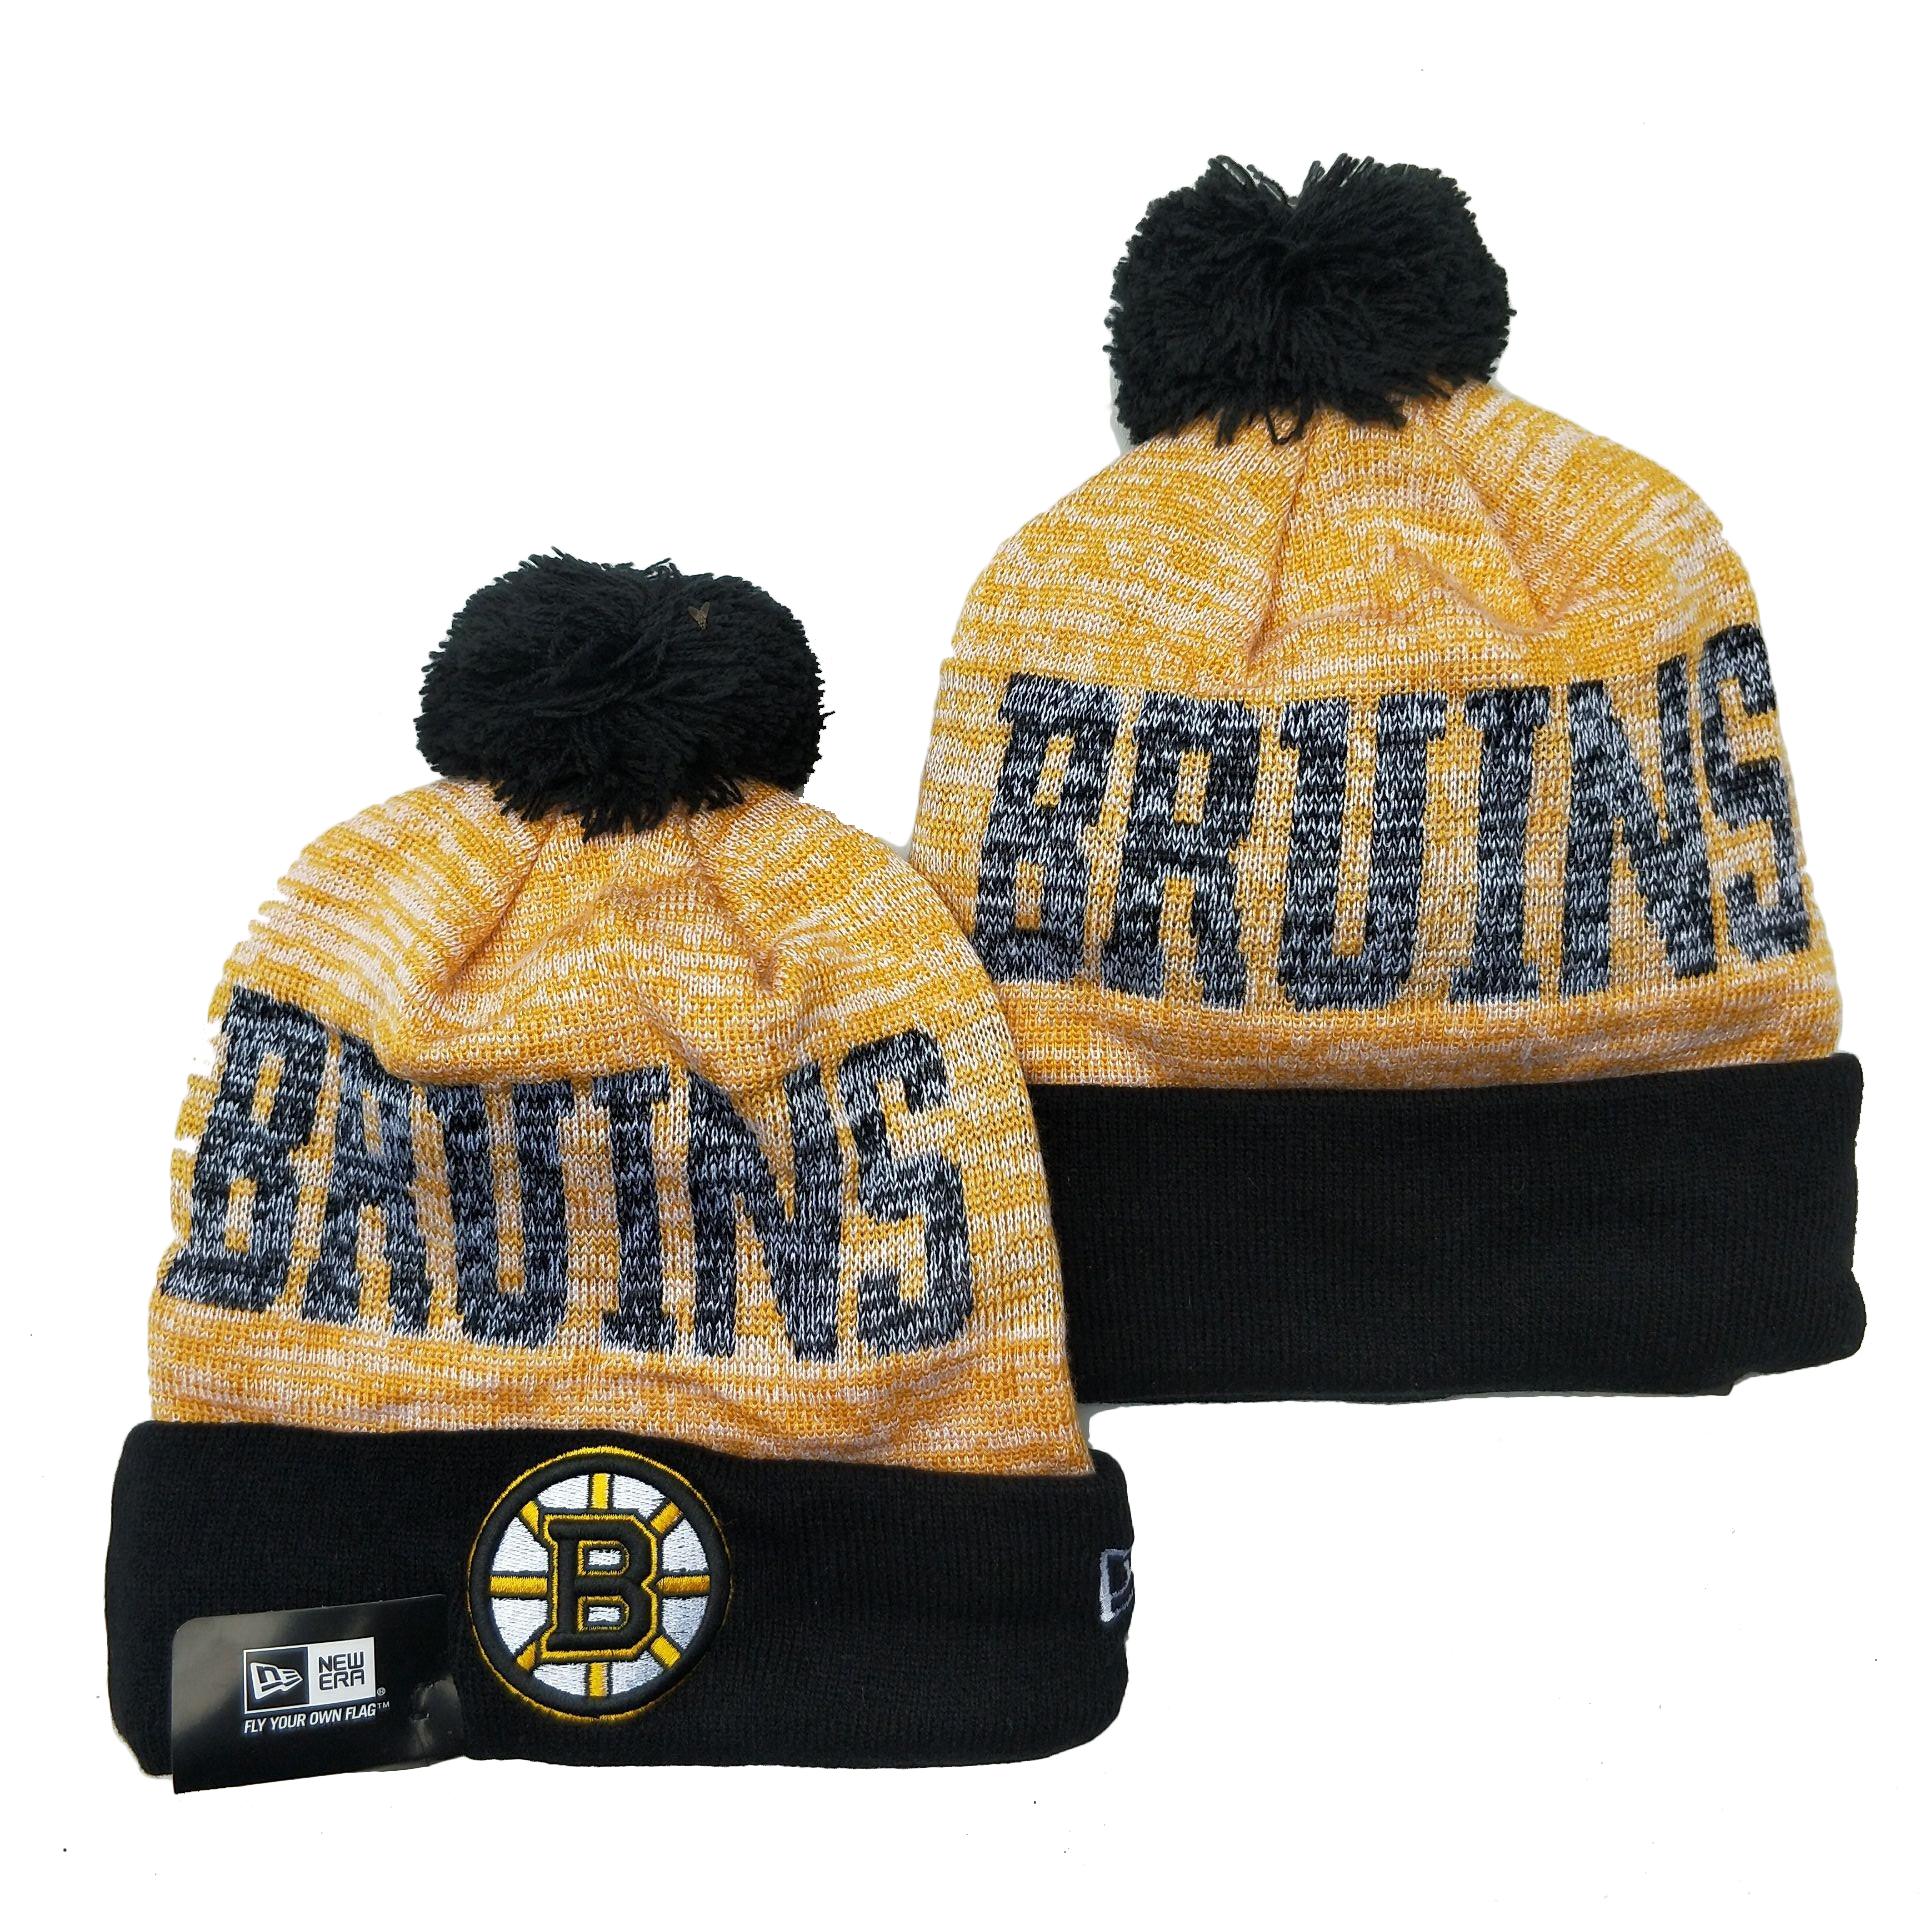 Bruins Team Logo Gray Yellow Black Pom Cuffed Knit Hat YD